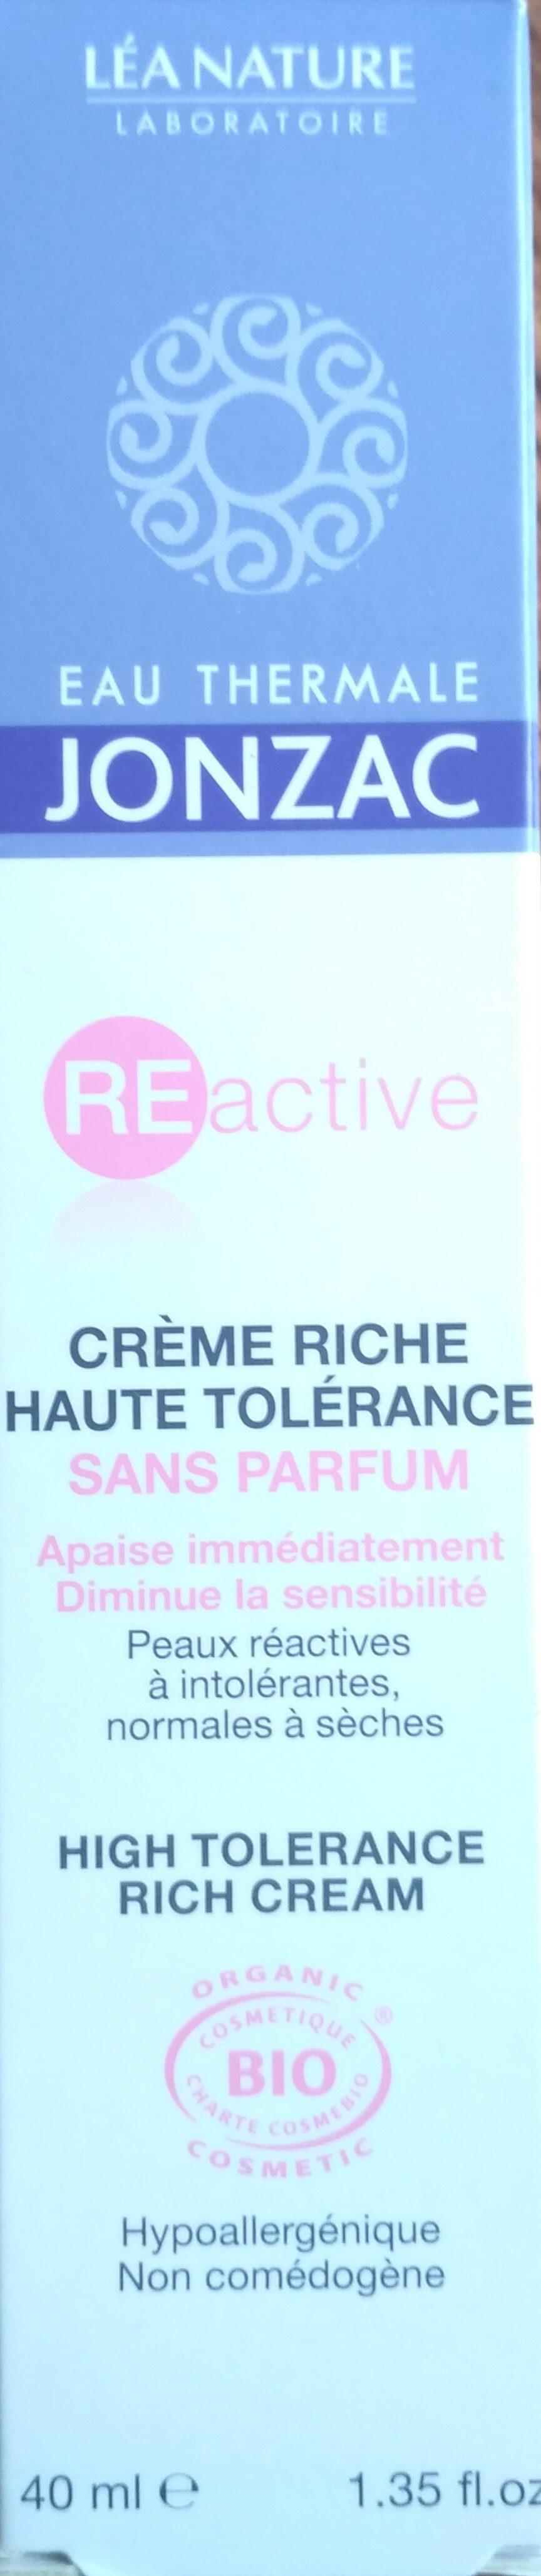 Crème riche haute tolérance - Produit - fr